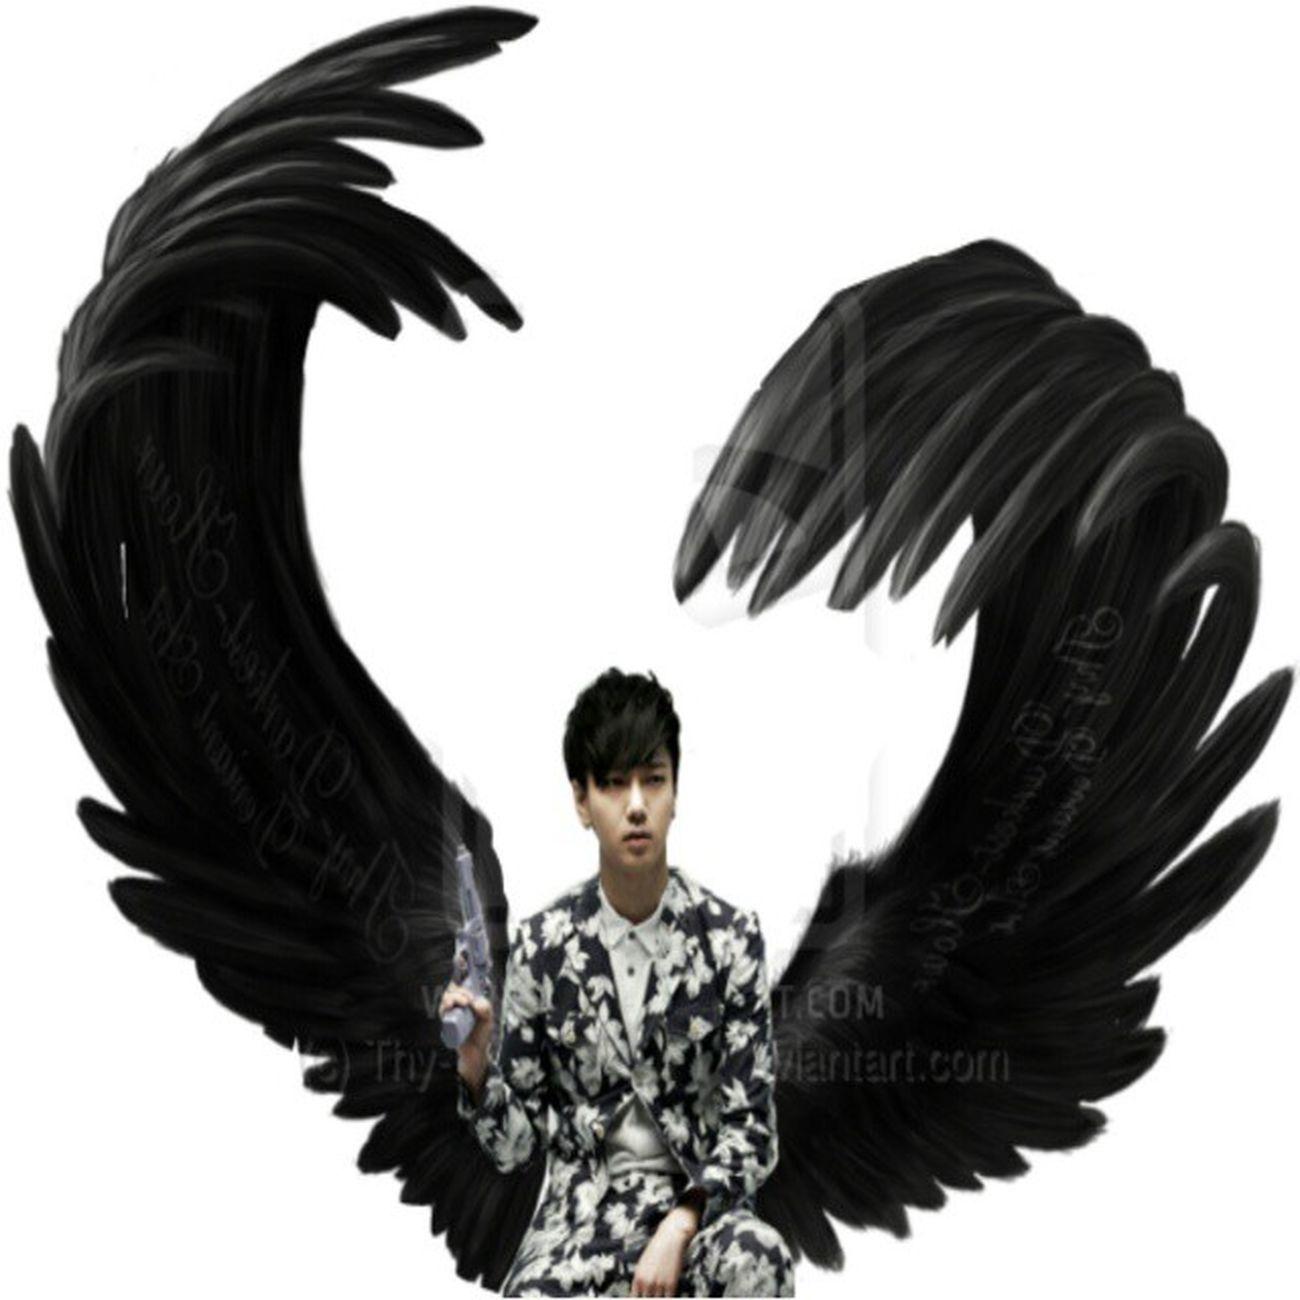 JongWoonStyle Darkangel KIMJONGWOON ...COOL